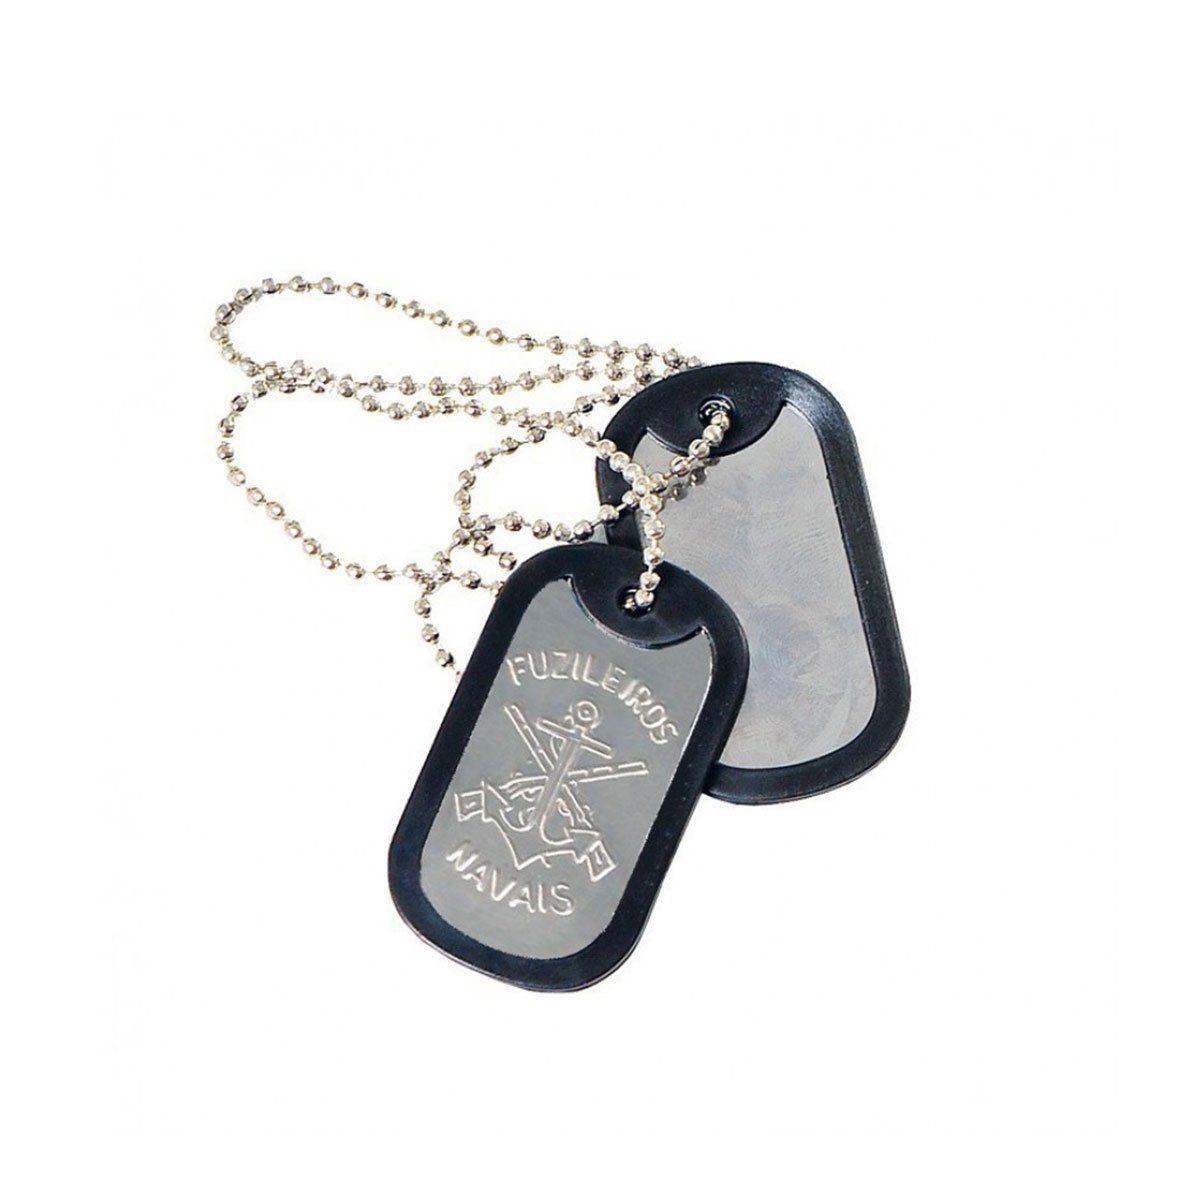 Dog Tag Placa de Identificação Fuzileiro Naval Elite Comandos